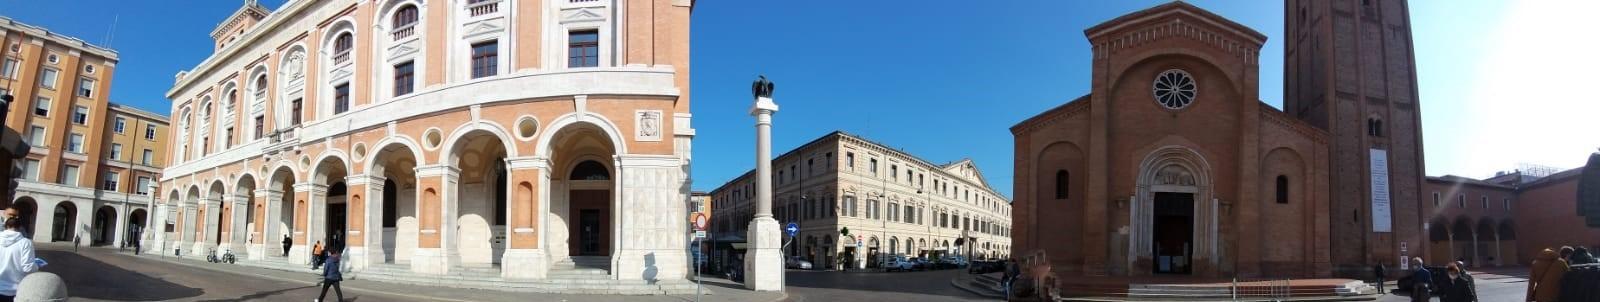 Forlì da sinistra a destra palazzo delle Poste e San Mercuriale in piazza Saffi 6 novembre 2020 foto Aurora Ciminnisi